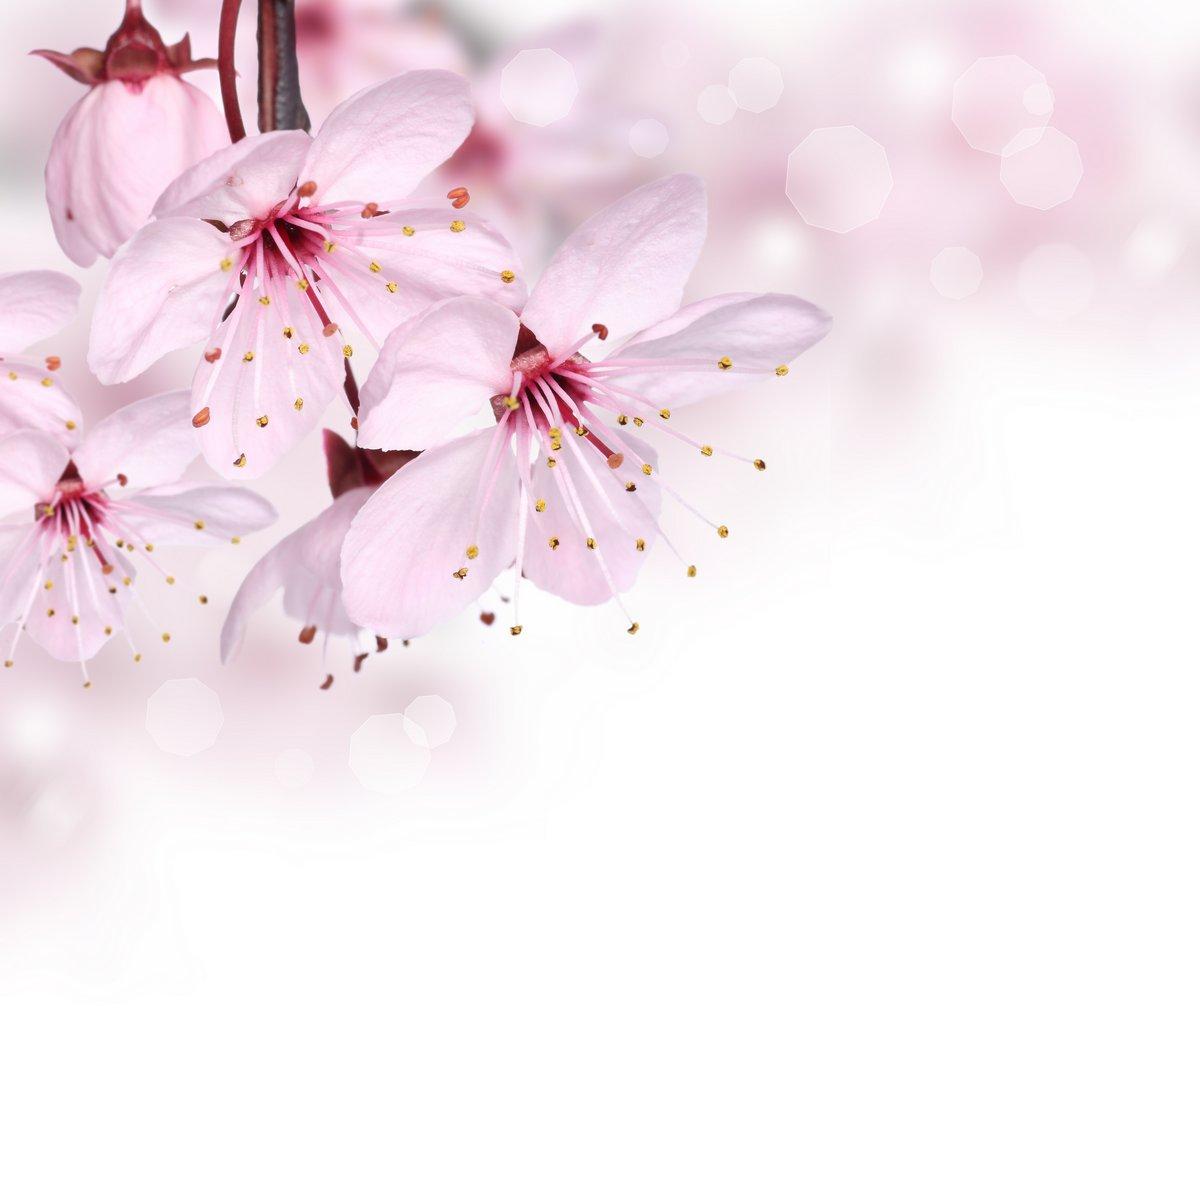 Постер Сакура Розовая весна цветок дизайн границы, фонаСакура<br>Постер на холсте или бумаге. Любого нужного вам размера. В раме или без. Подвес в комплекте. Трехслойная надежная упаковка. Доставим в любую точку России. Вам осталось только повесить картину на стену!<br>